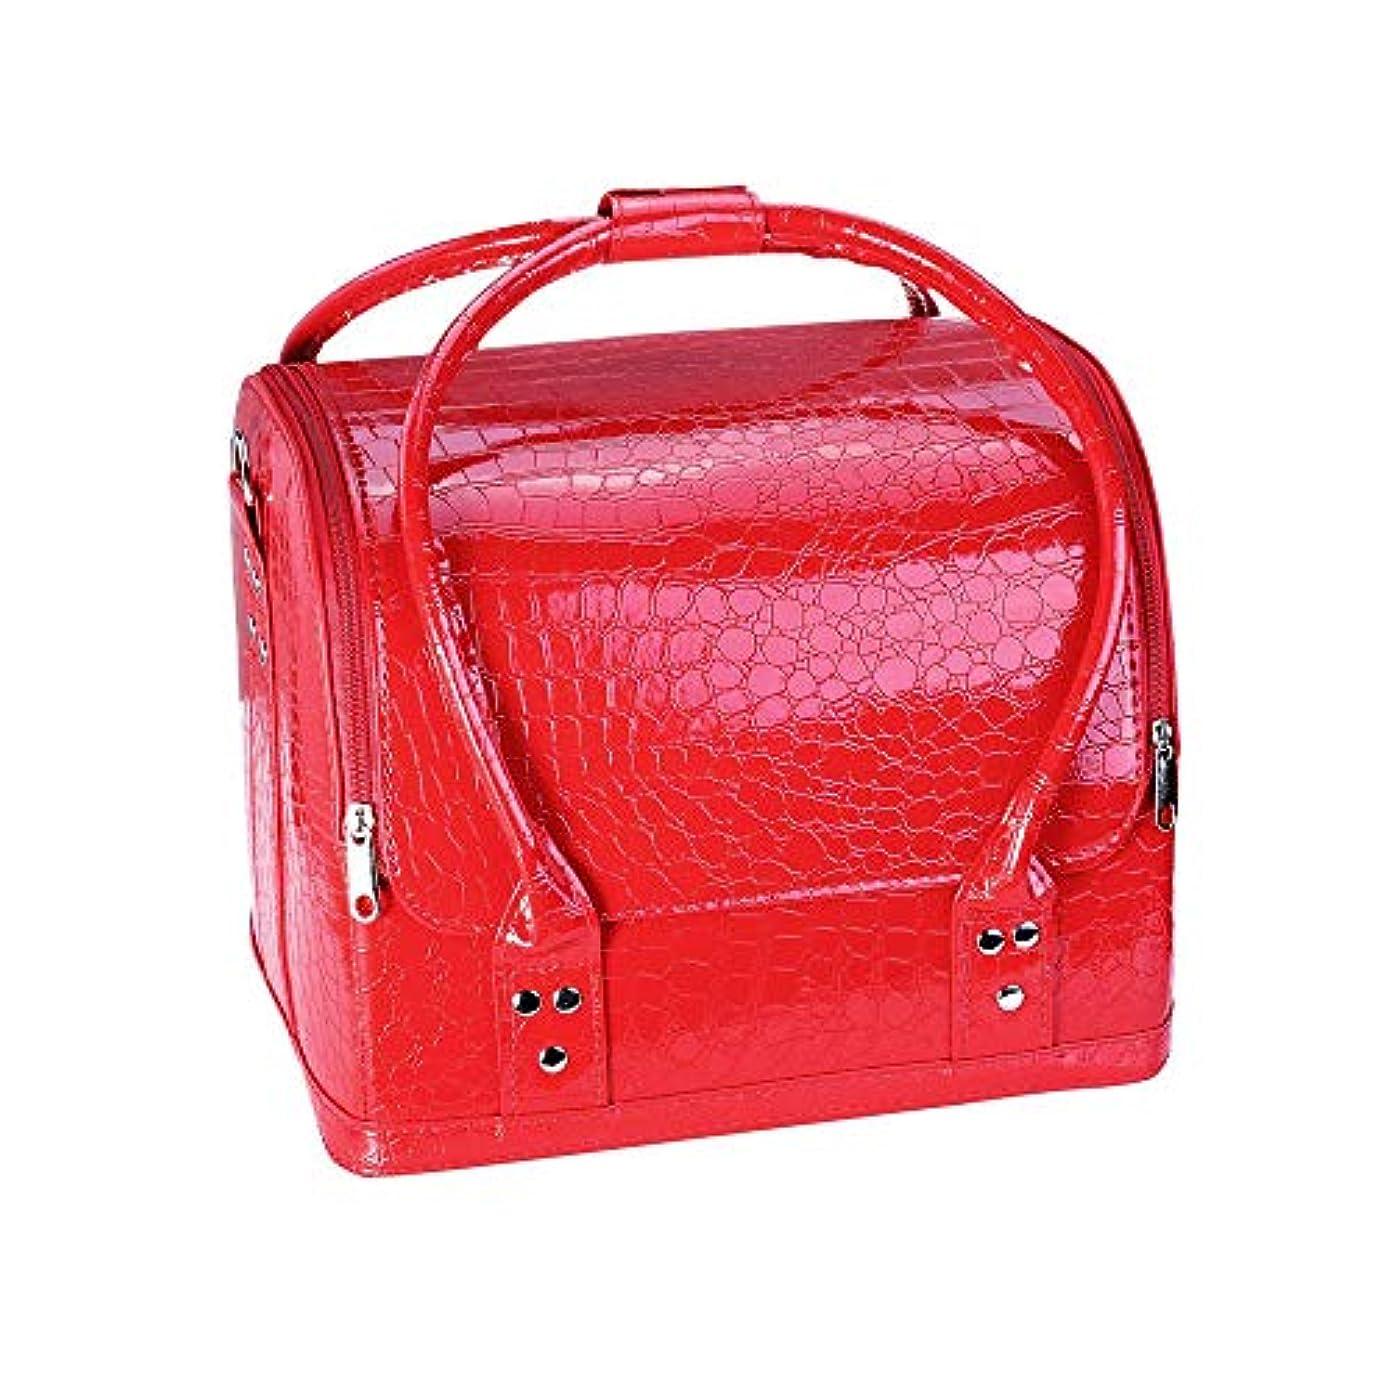 小説目指すお化粧オーガナイザーバッグ プロフェッショナルビューティーメイクアップケースネイル化粧箱ビニールケースオーガナイザークロコダイルパターン 化粧品ケース (色 : 赤)